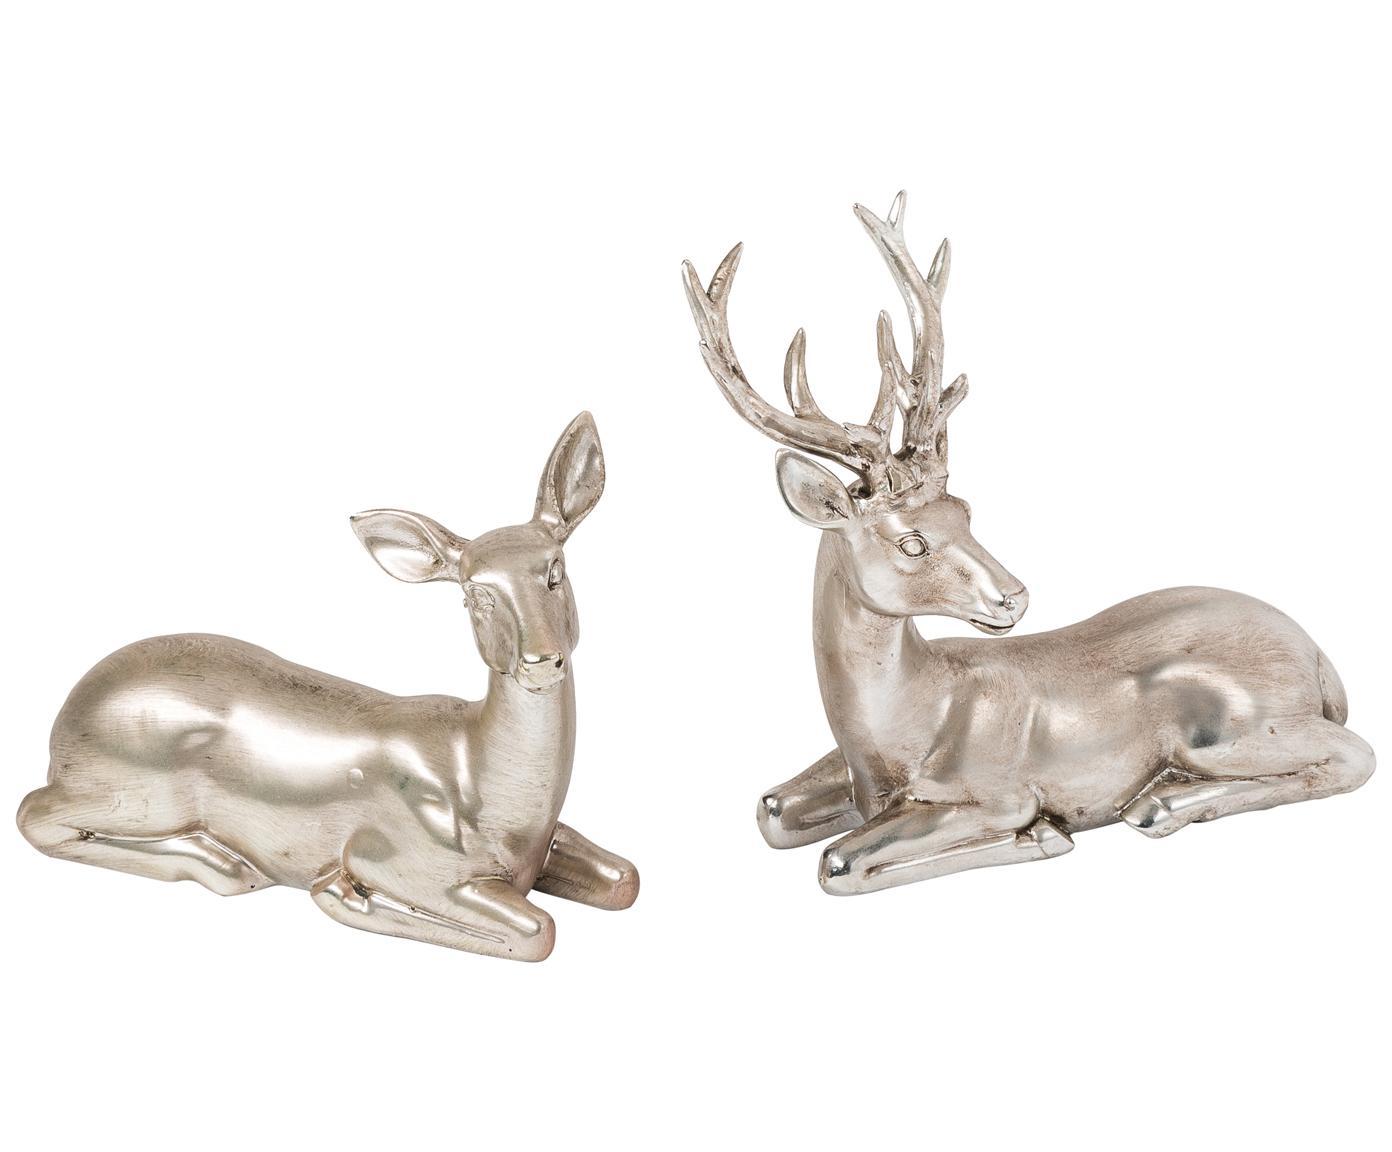 Deko-Hirsch-Set Silver Forrest, 2-tlg., Kunstharz, Silberfarben, Antik-Finish, 15 x 15 cm